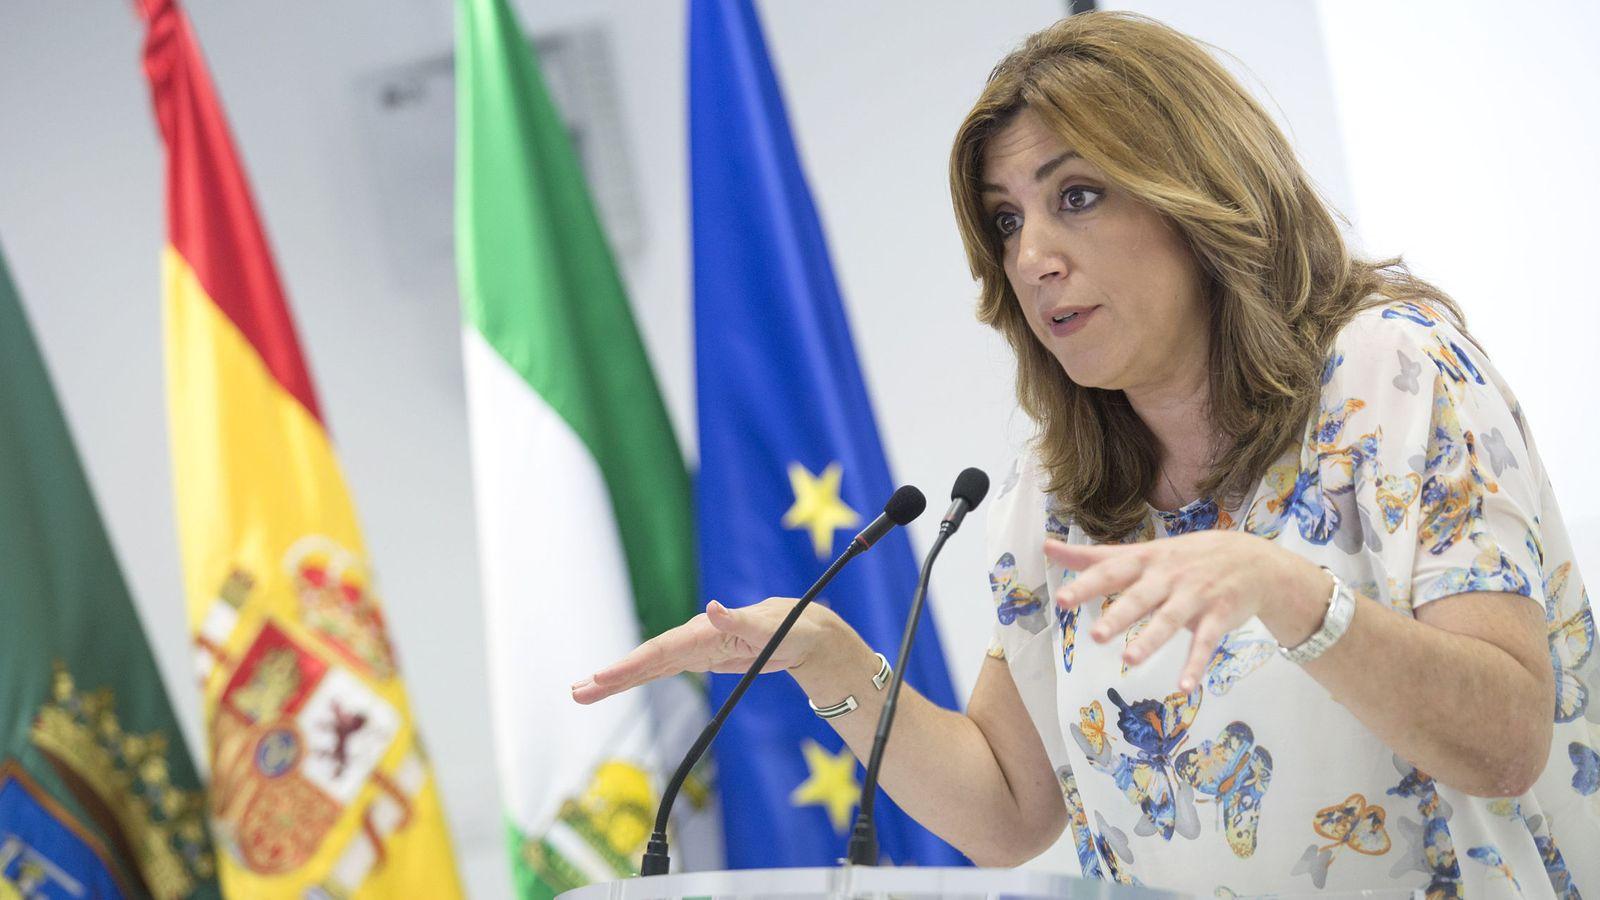 Foto: La presidenta de la Junta, Susana Díaz, en Vélez-Málaga este 15 de junio. (EFE)